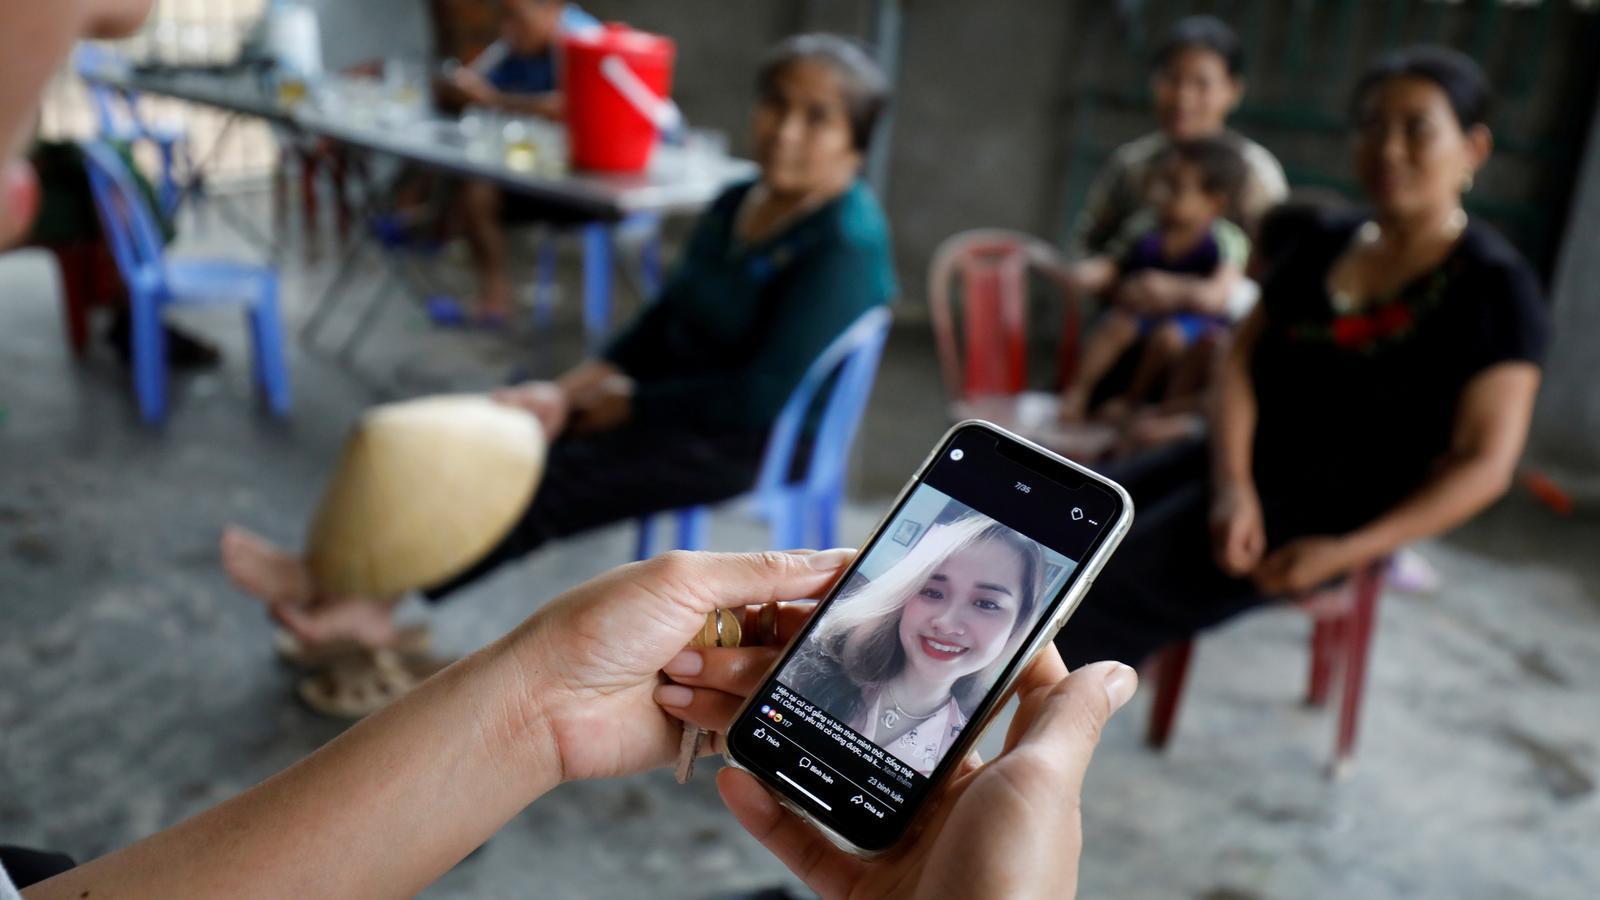 Una dona mostra la fotografia d'Anna Bui Thi Nhung, una de les suposades víctimes del camió, a la província vietnamita de Nghe An